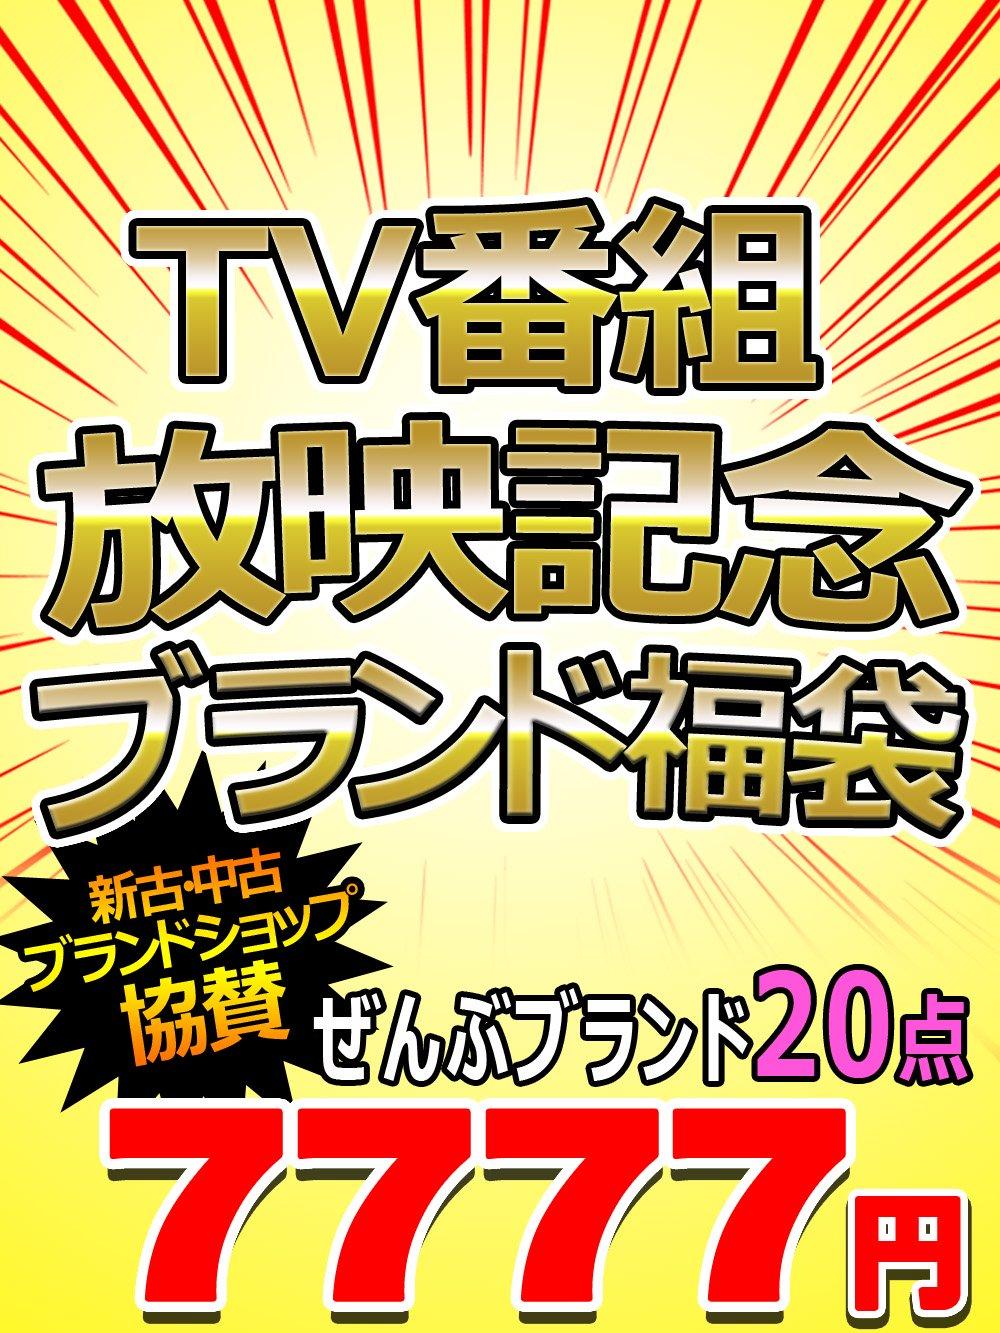 TV番組放映記念!新古・中古ショップ協賛!ブランド詰め合わせ福袋【20点】7,777円